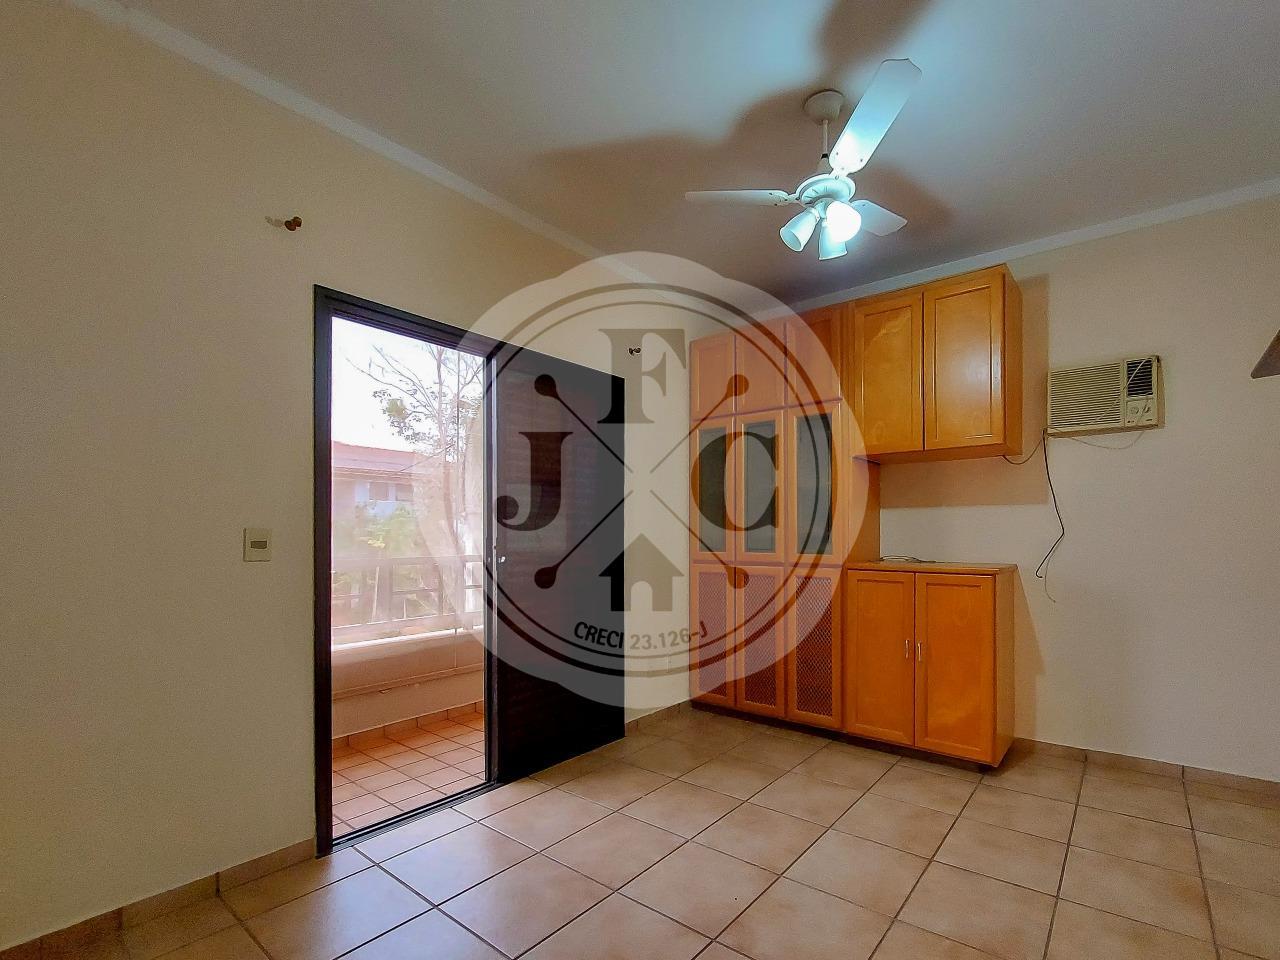 Casa em Condomínio à venda no Condomínio Santa Helena: Dormitório 4